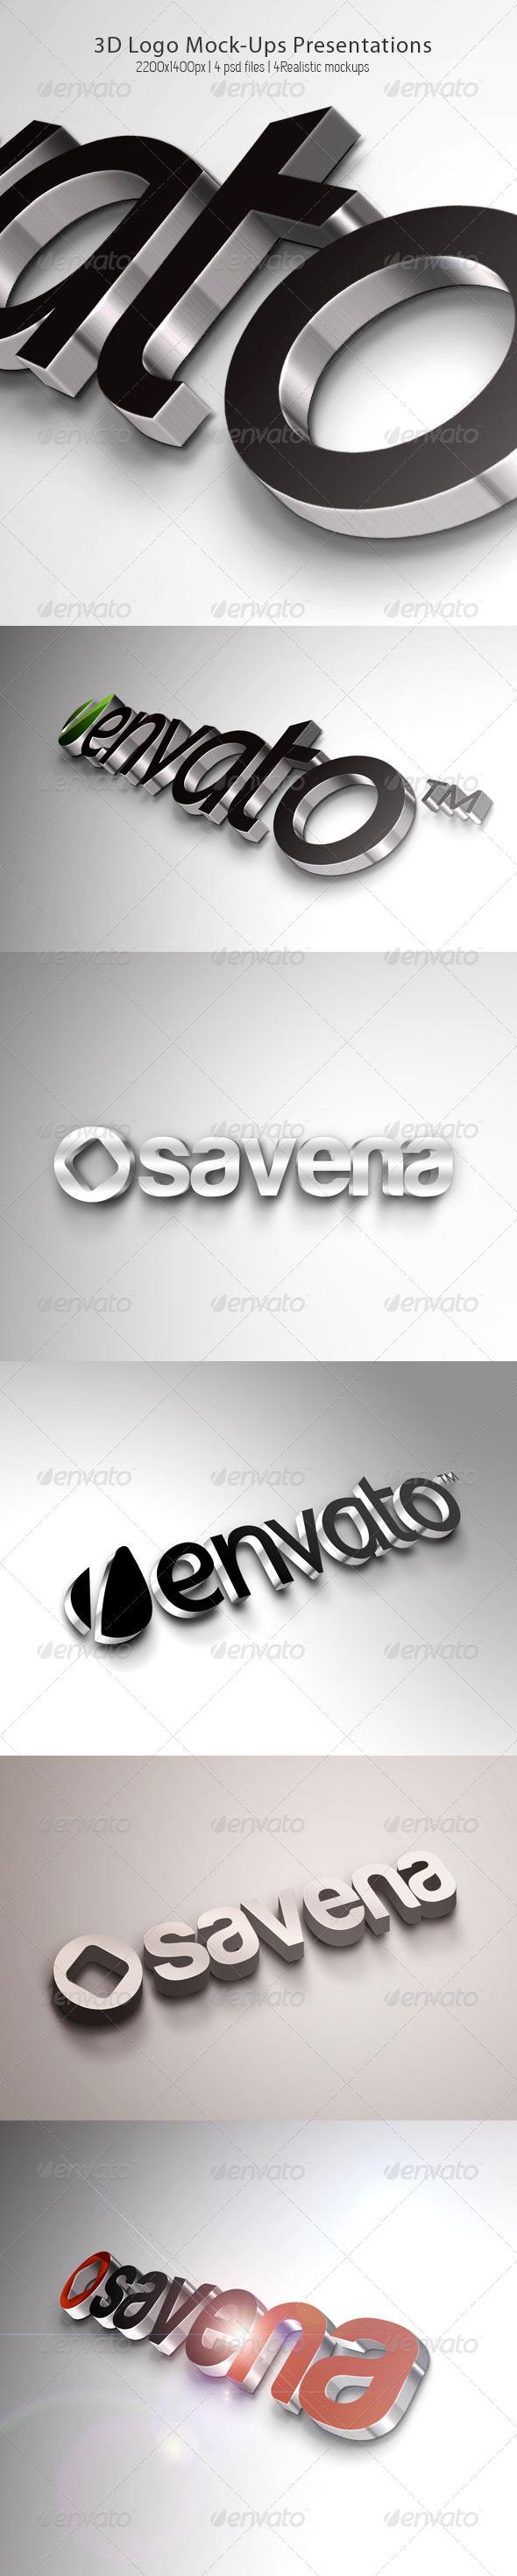 3D Logo Mock-Ups Presentations - Logo Product Mock-Ups